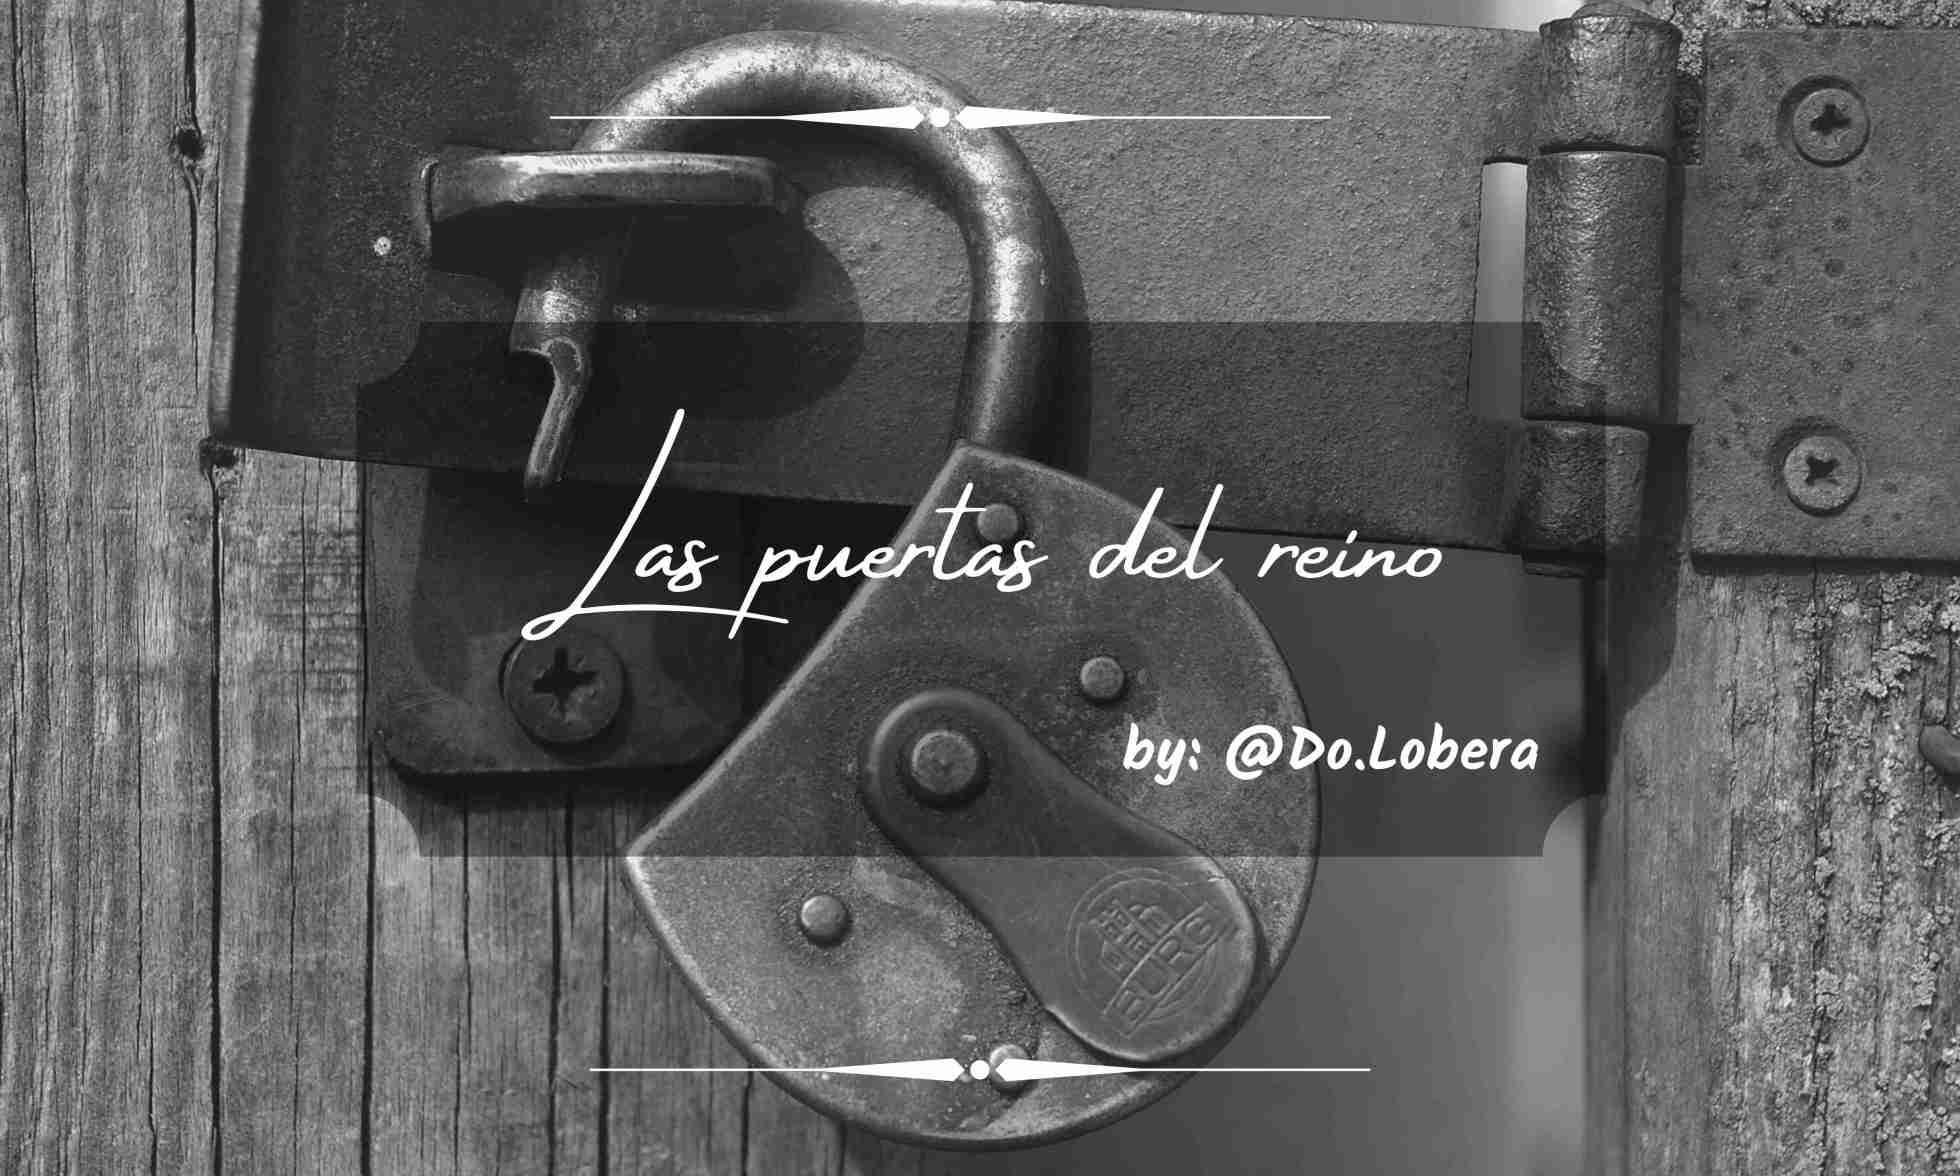 Las puertas del reino - by Do.Lobera